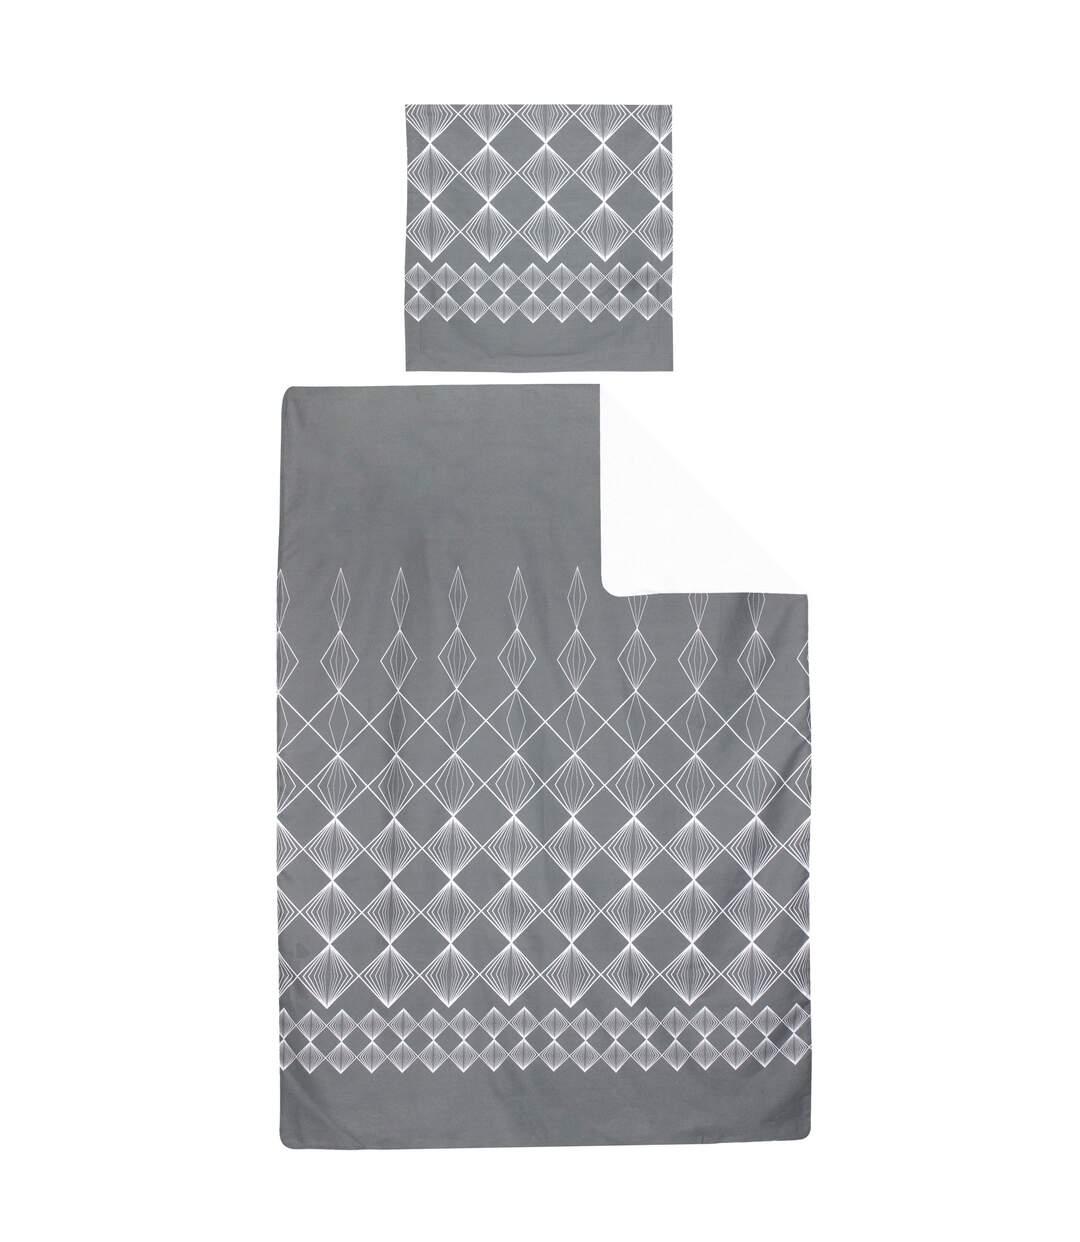 Parure de lit 140x200 cm 100% coton FOREVER GRIS gris foncé 2 pièces